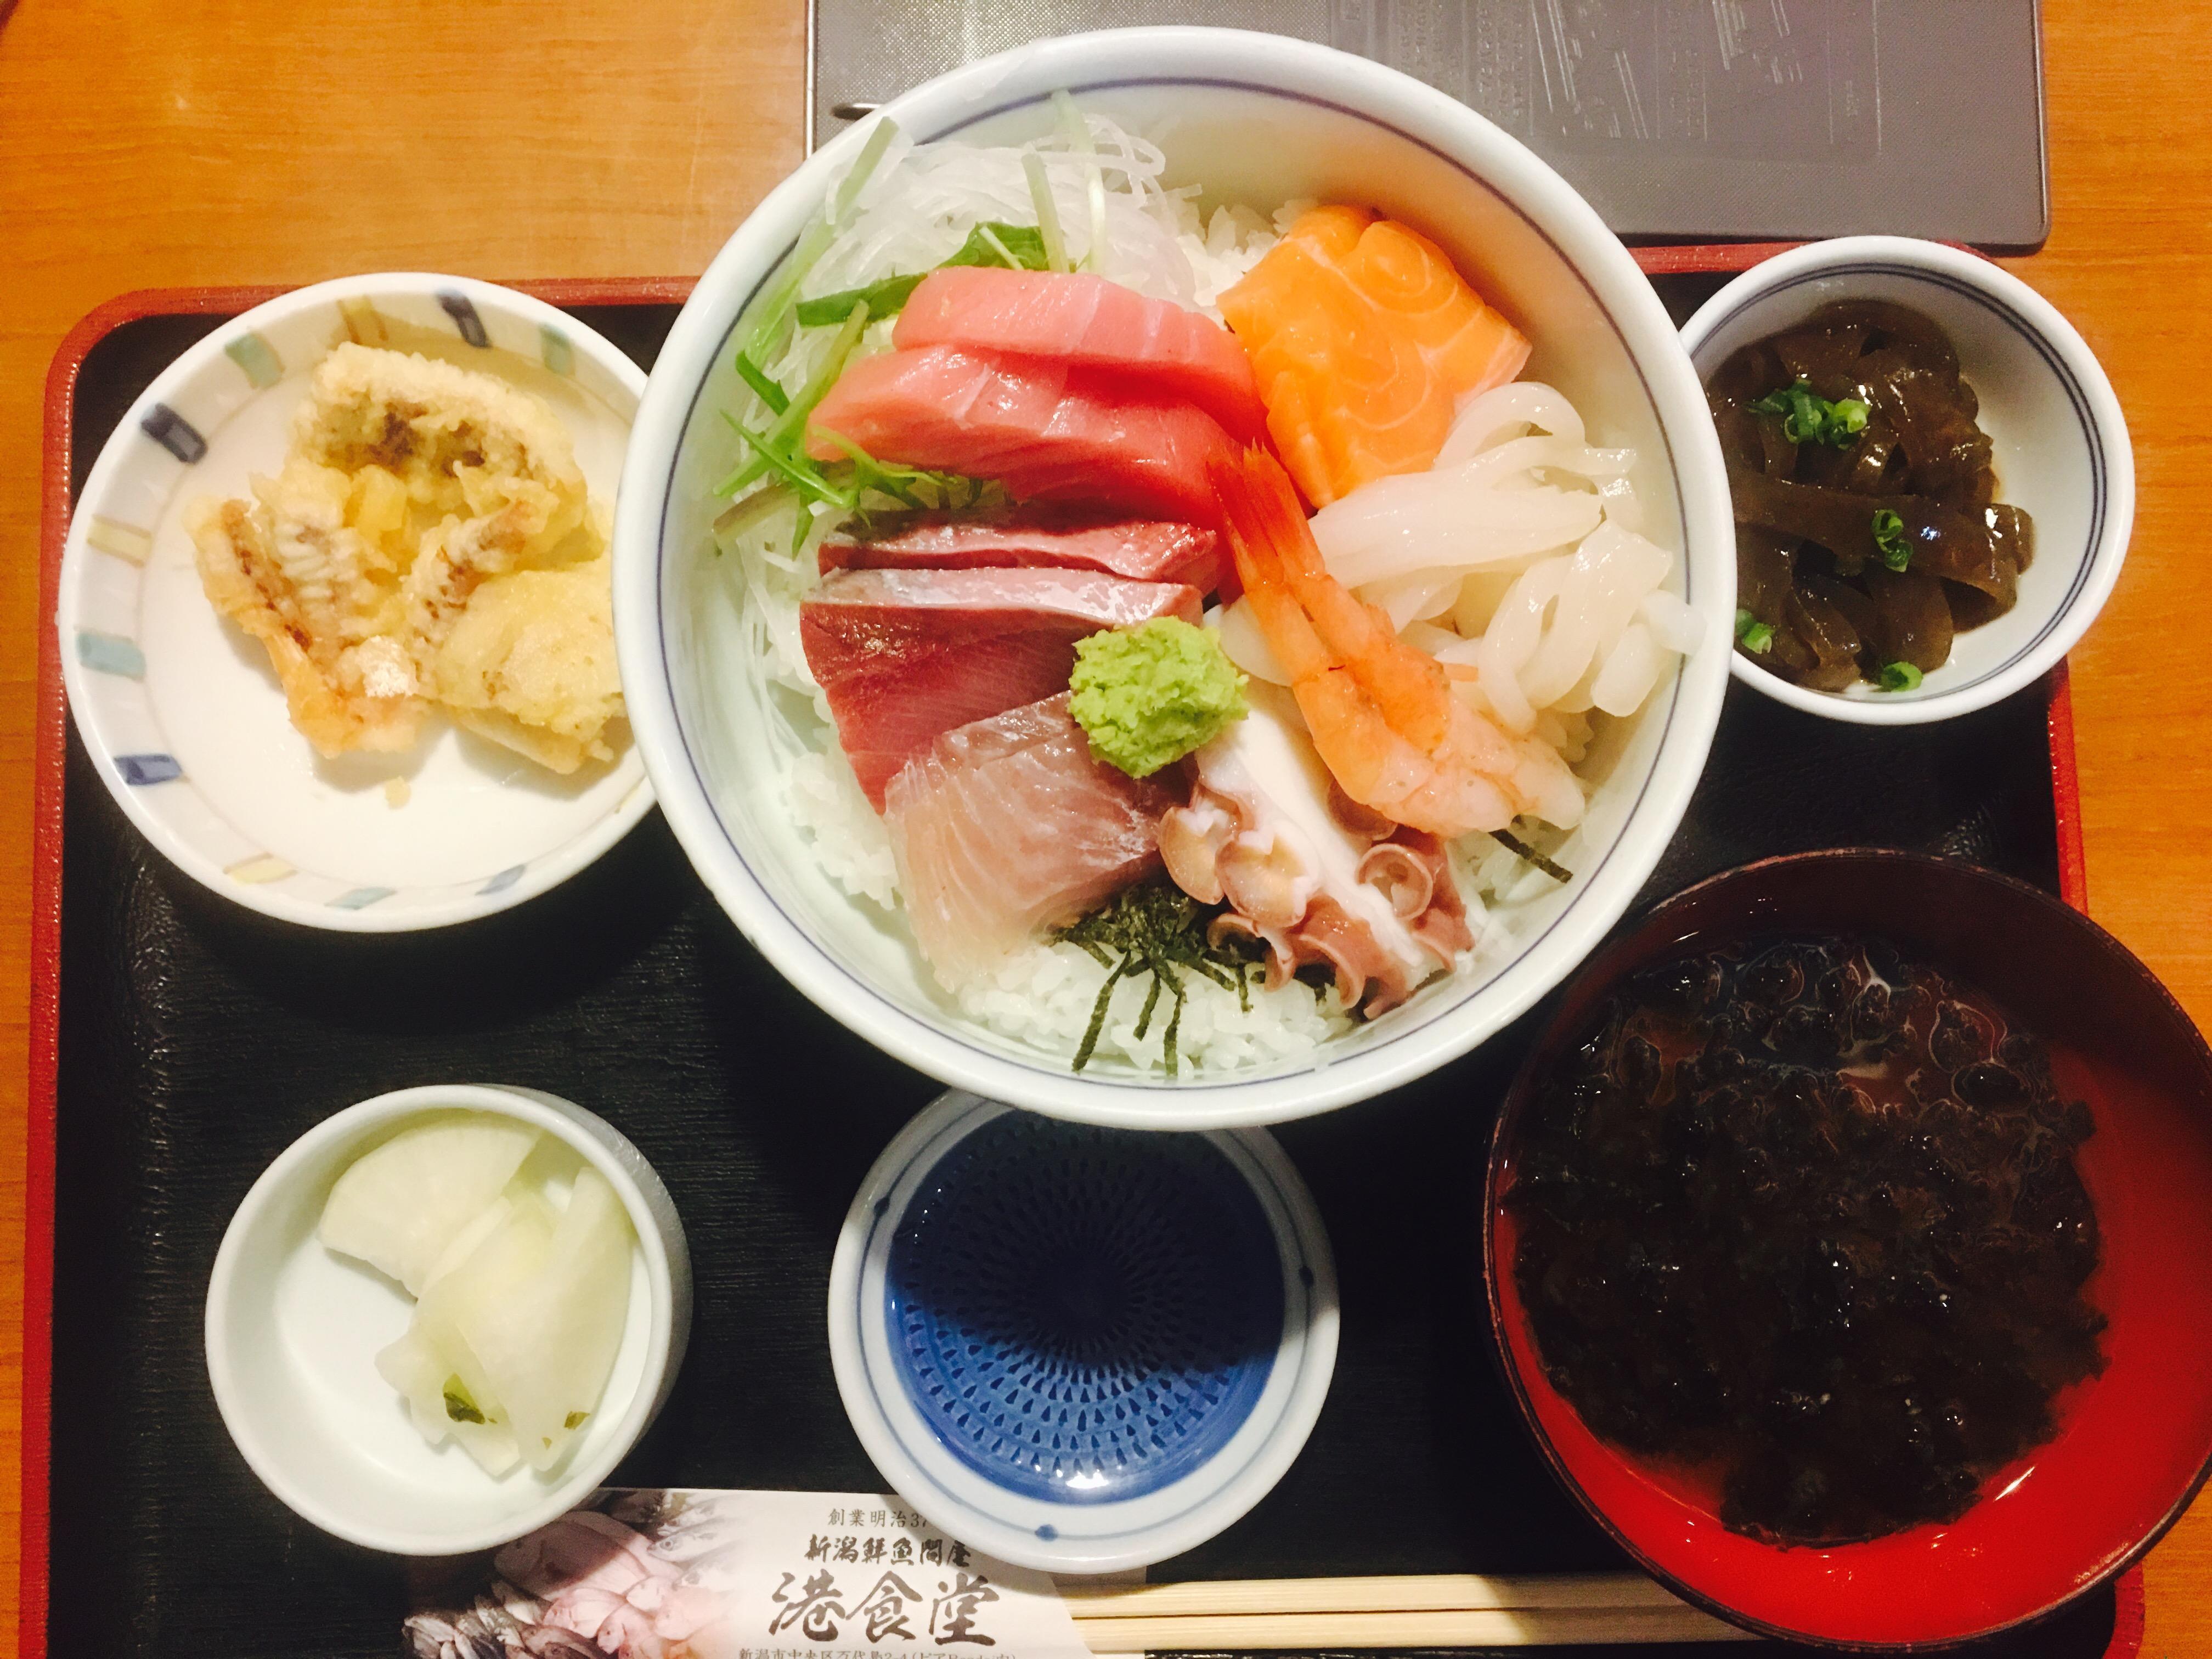 去日本只想悠哉地滑雪吃喝泡汤闲逛?当然是来新潟了